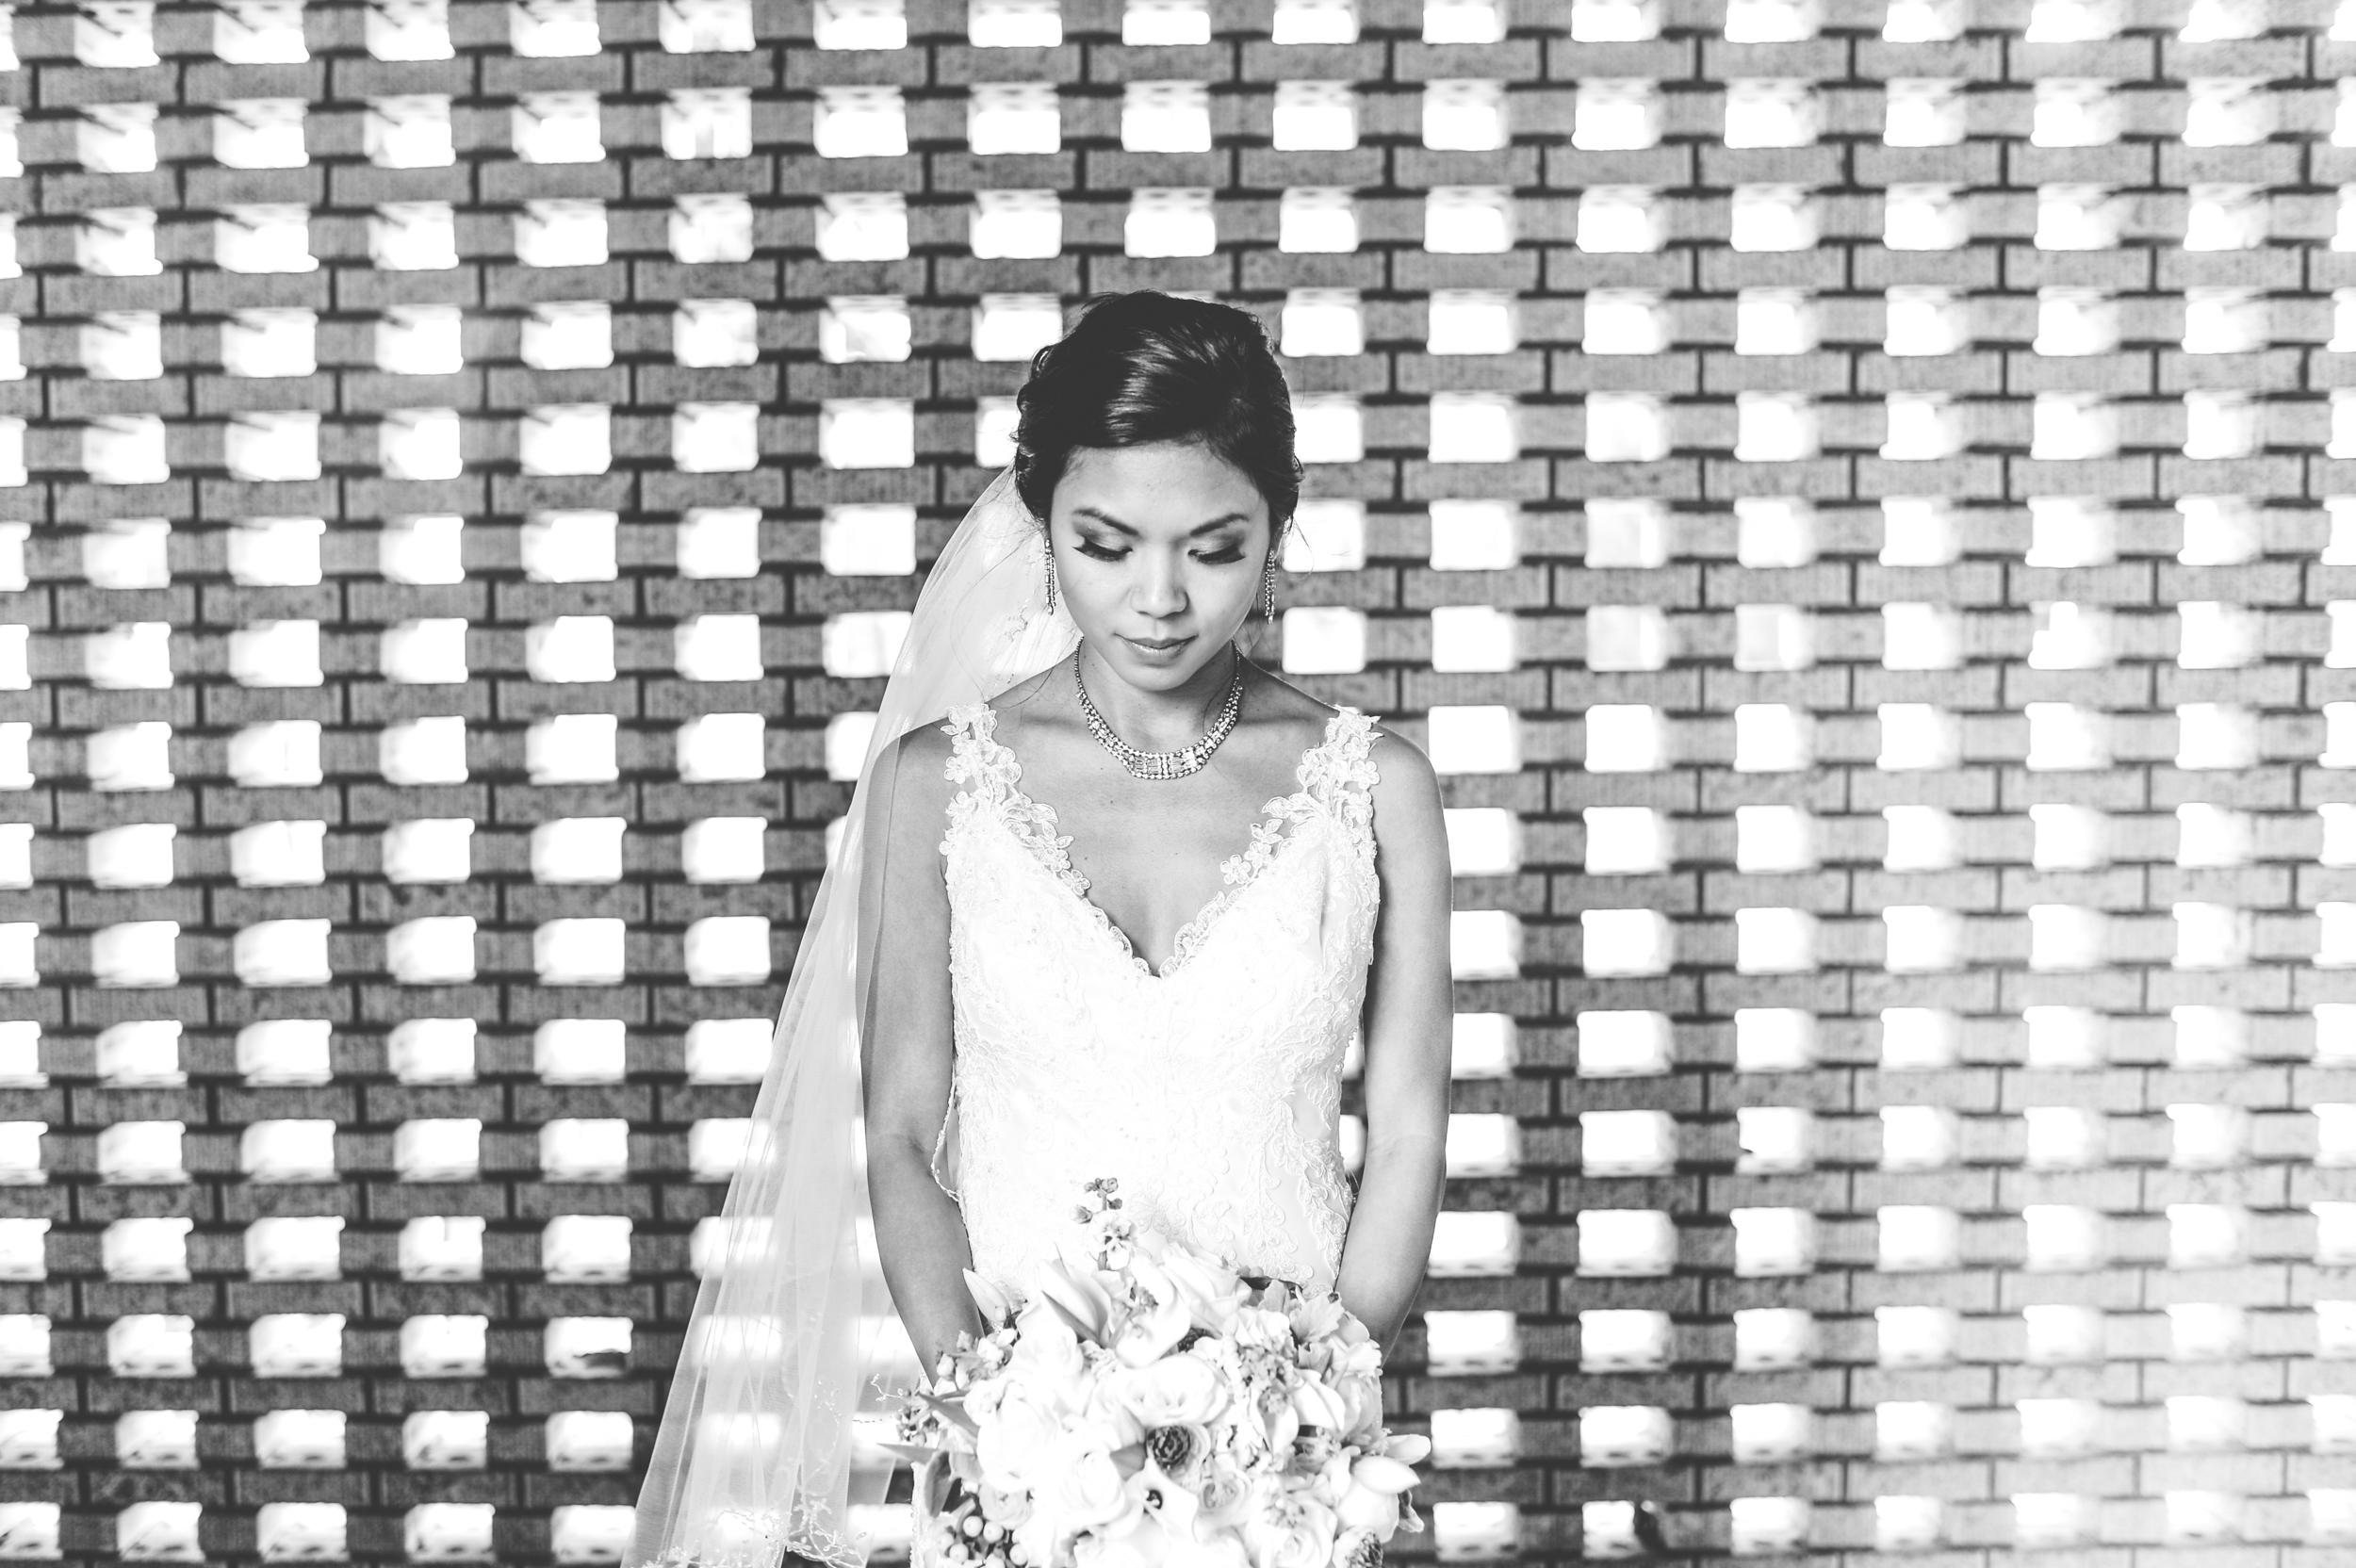 bridals©2015mileswittboyer-20.jpg